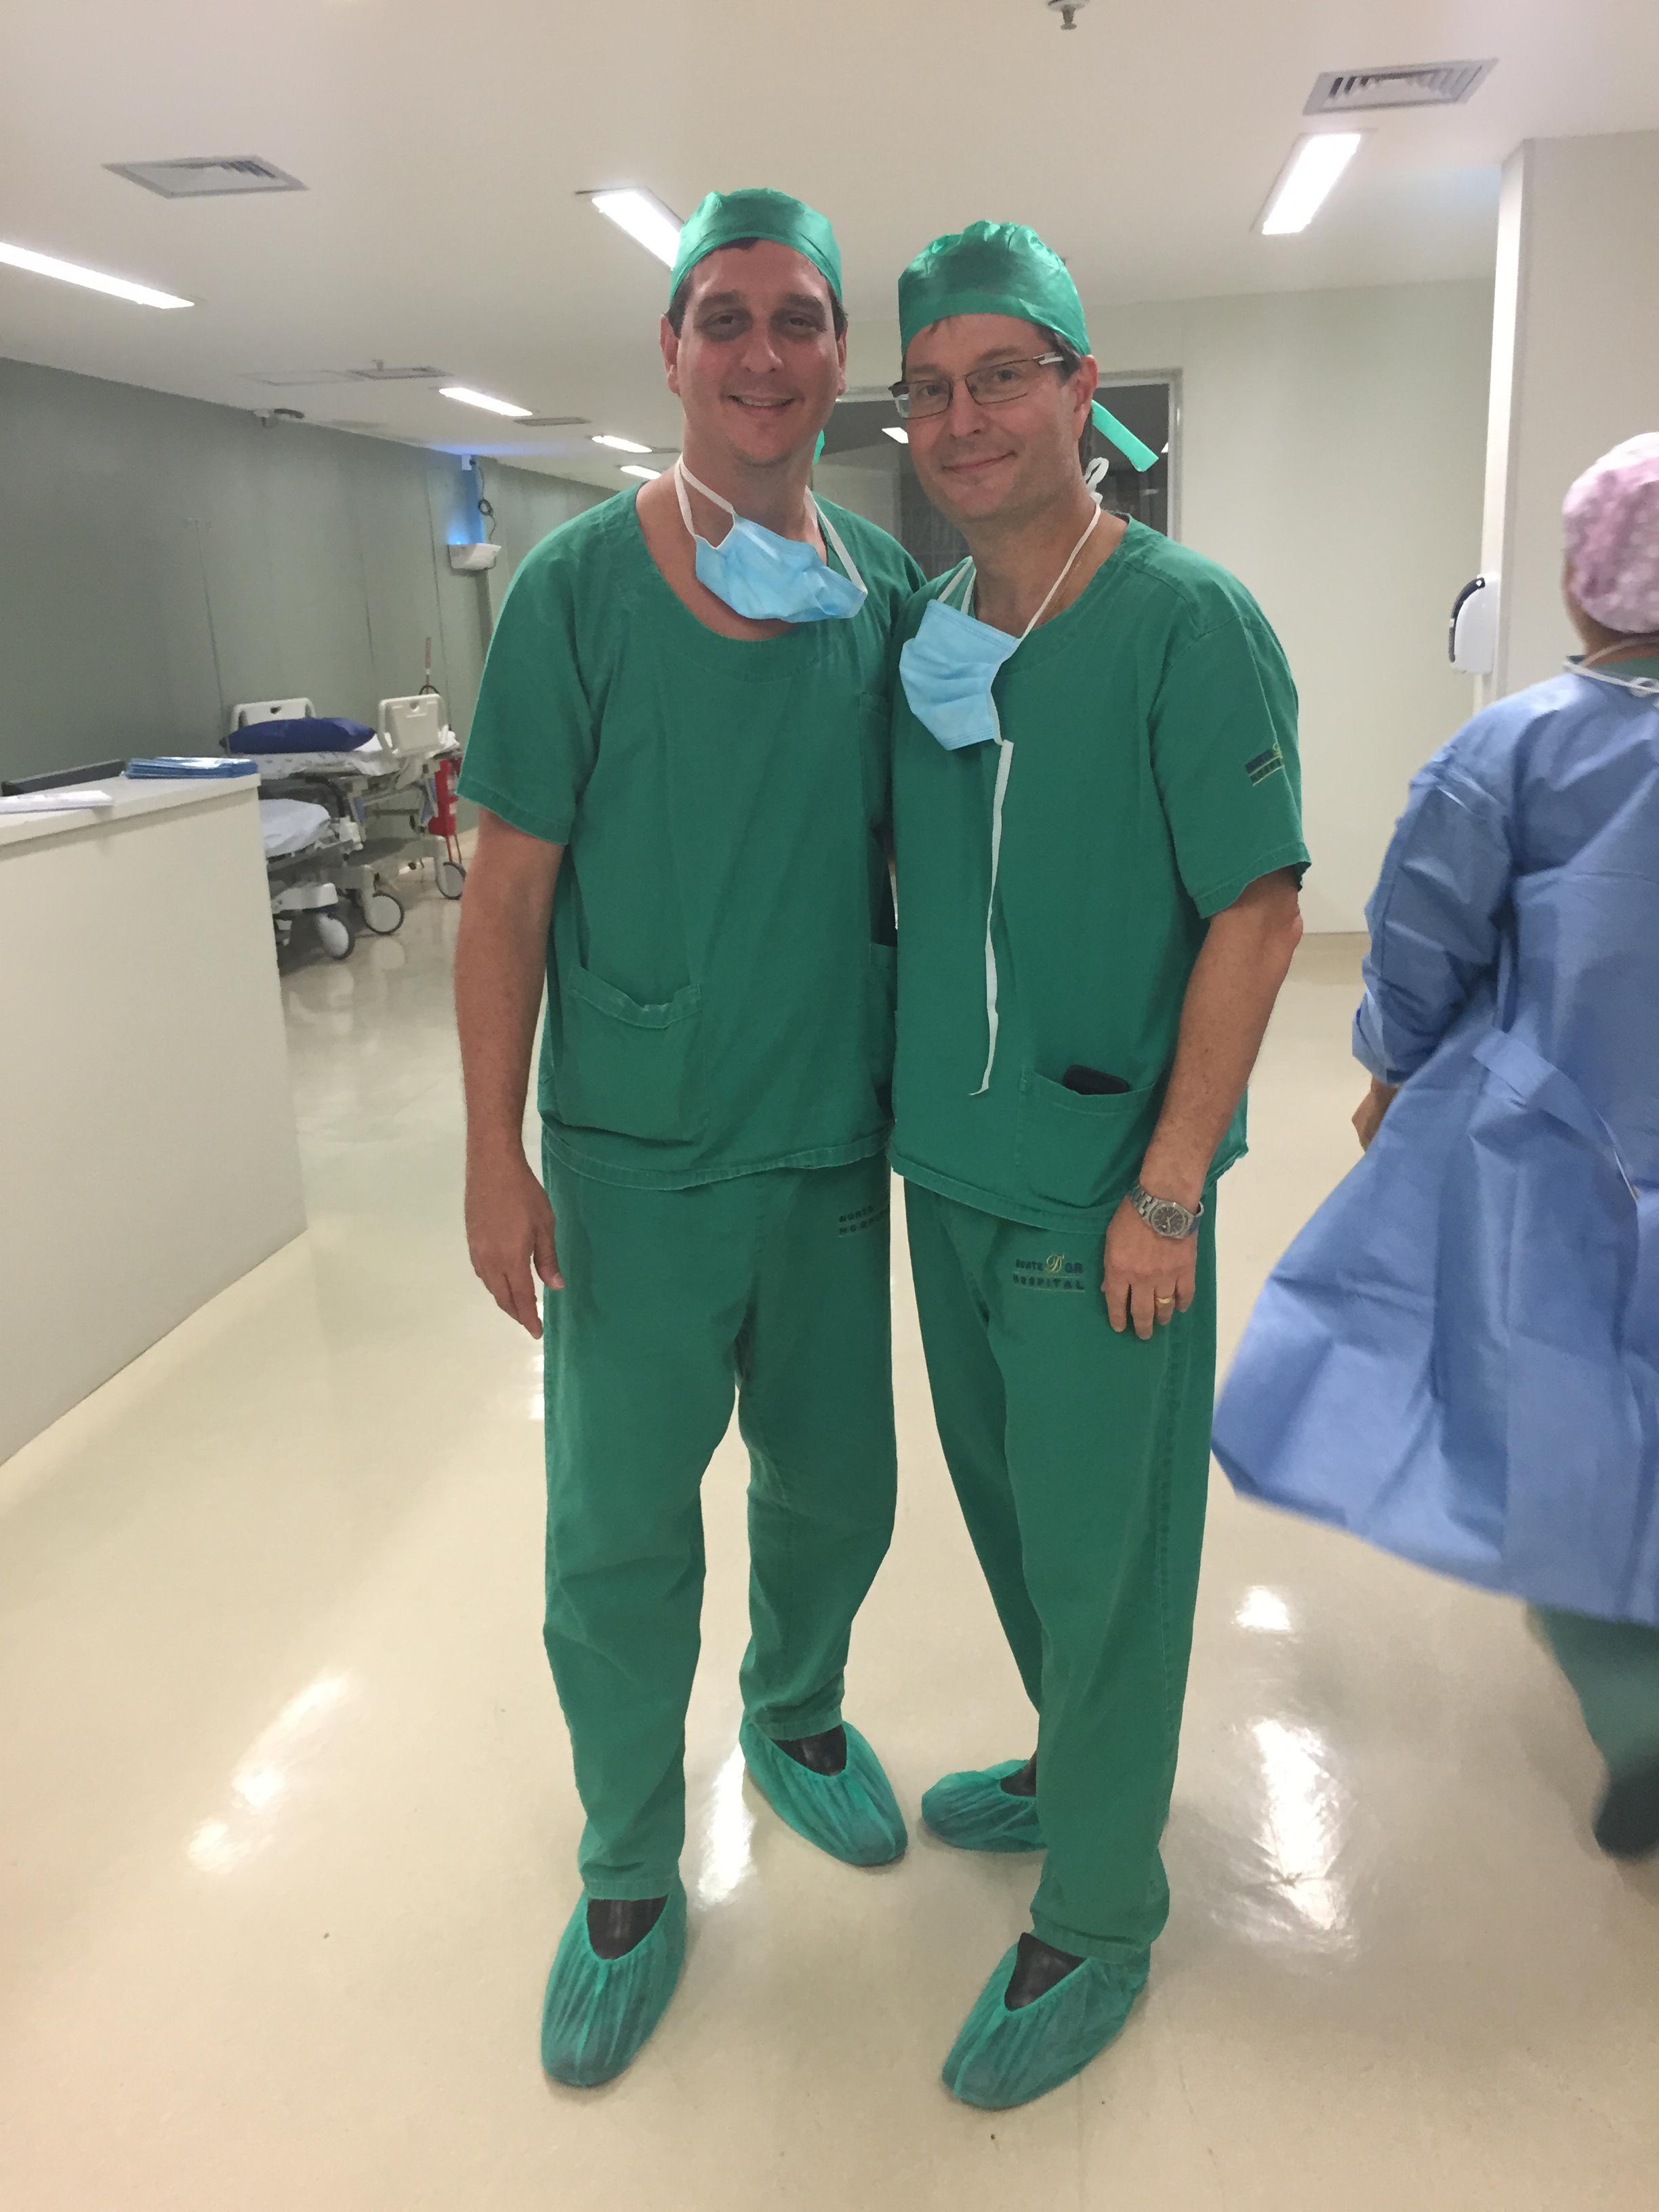 Dr Fernando Adão (Oncologista clínico) - Hospital Norte D'Or - RJ